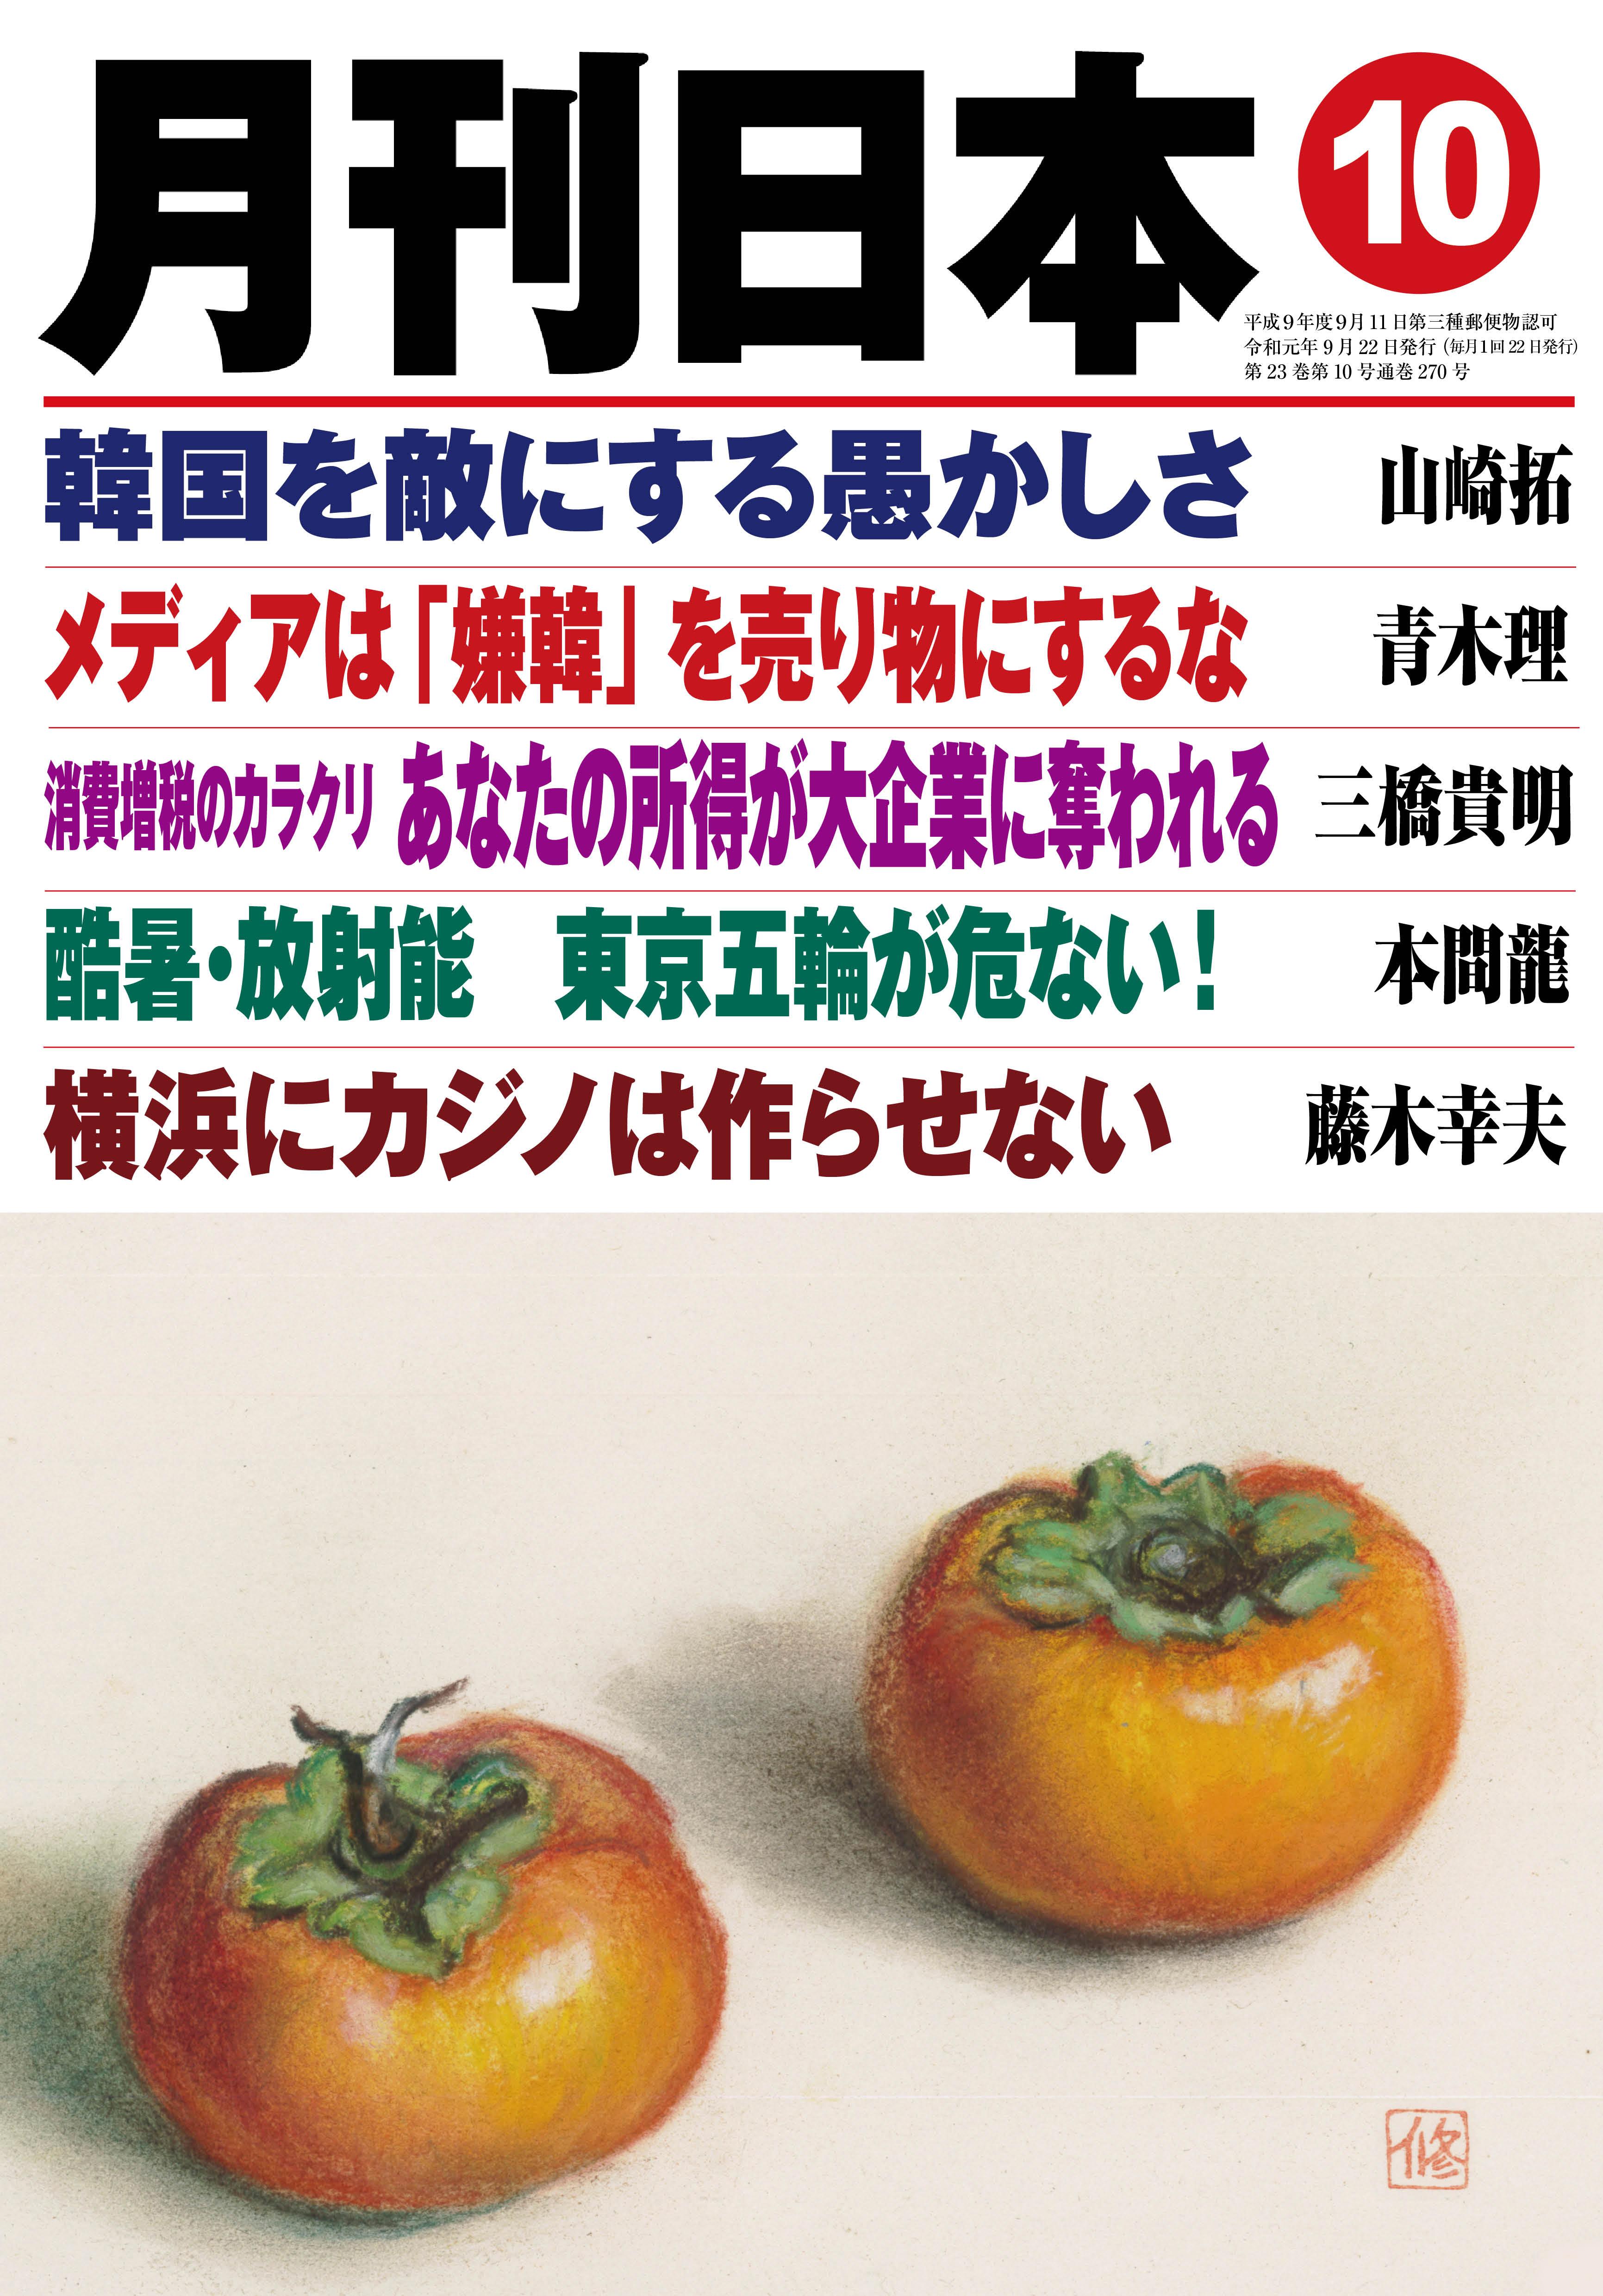 月刊日本2019年10月号